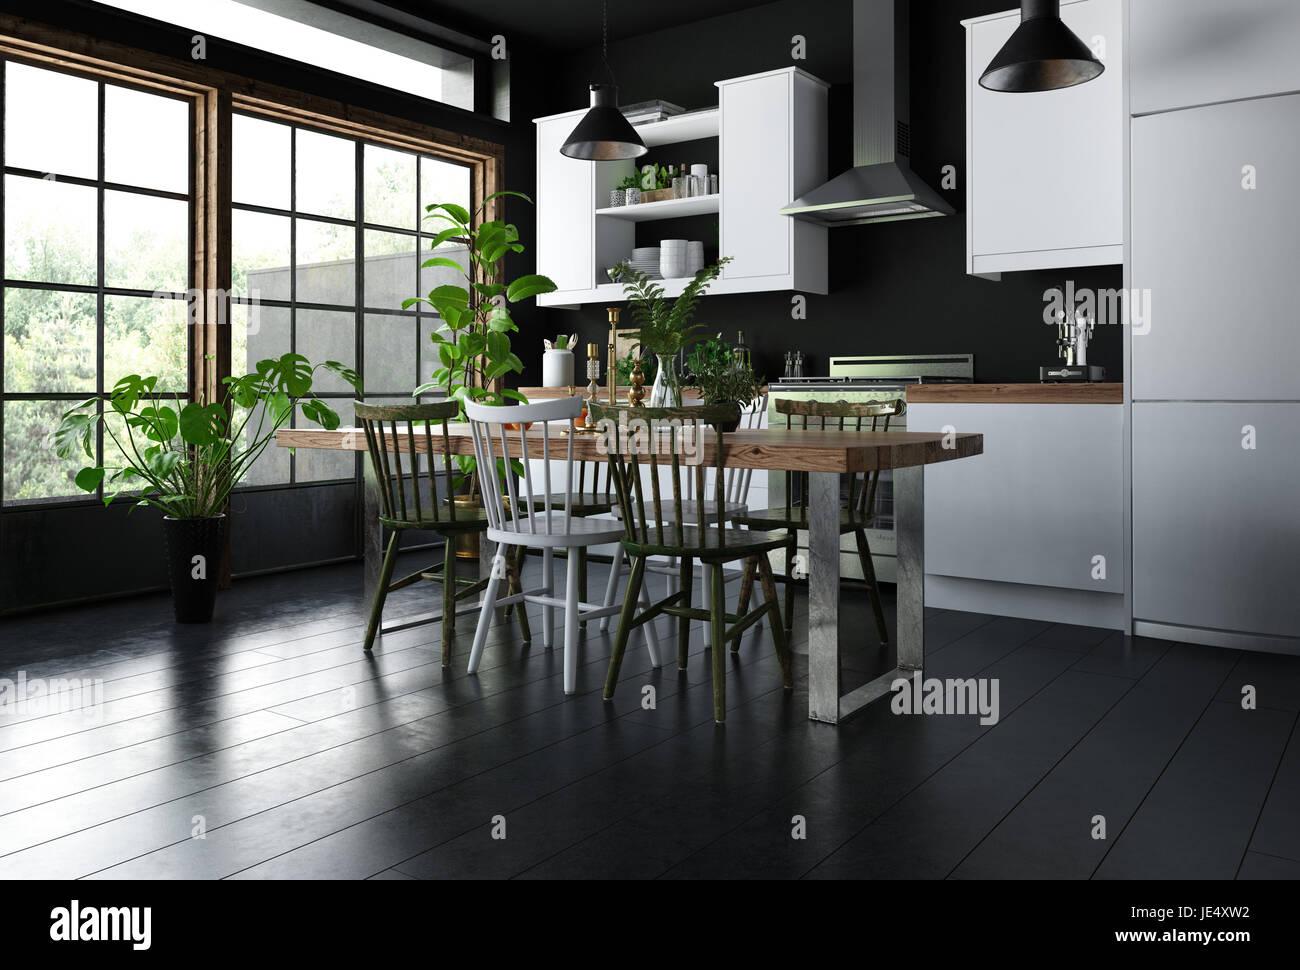 Captivant Intérieur De Cuisine Moderne Avec Table à Manger, Chaises En Bois Sur Sol  Noir, Mobilier Blanc, Beaucoup De Plantes Vertes Du0027intérieur En Pot Et  Immense ...